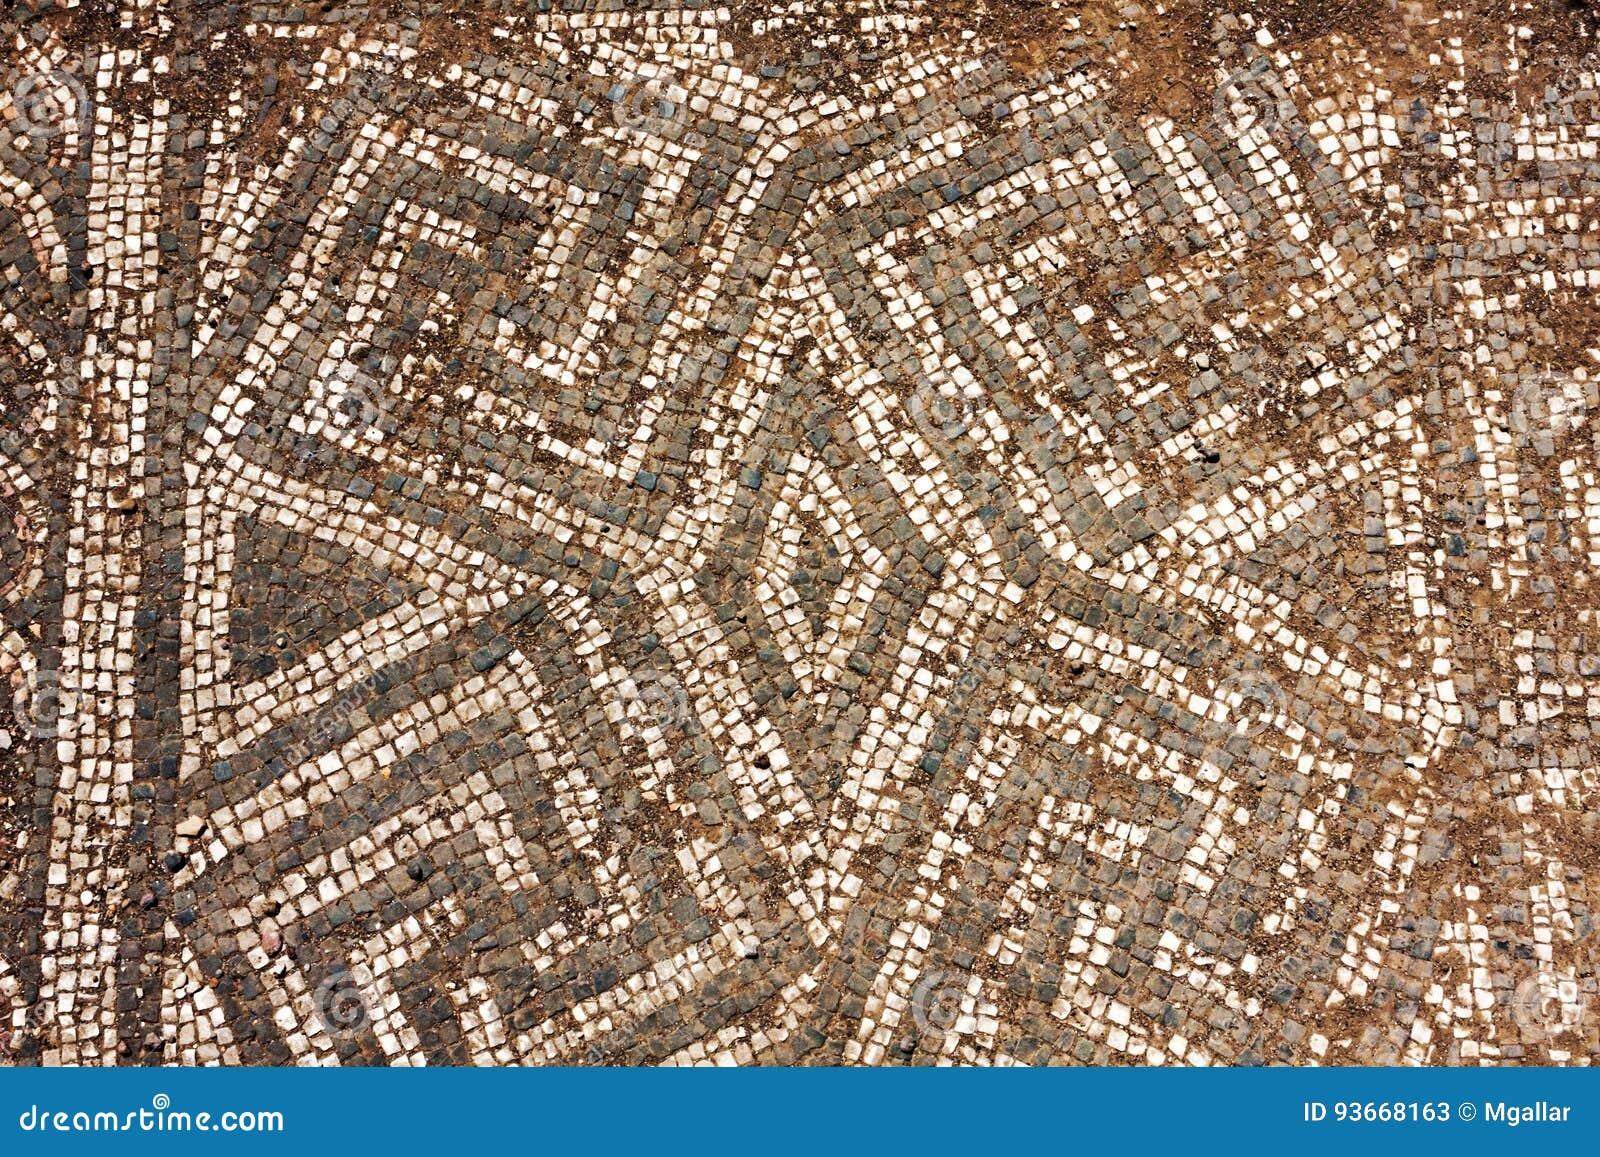 Ita ruiny imperium rzymskie mozaiki podłoga w Ostia Antica, Rzym -